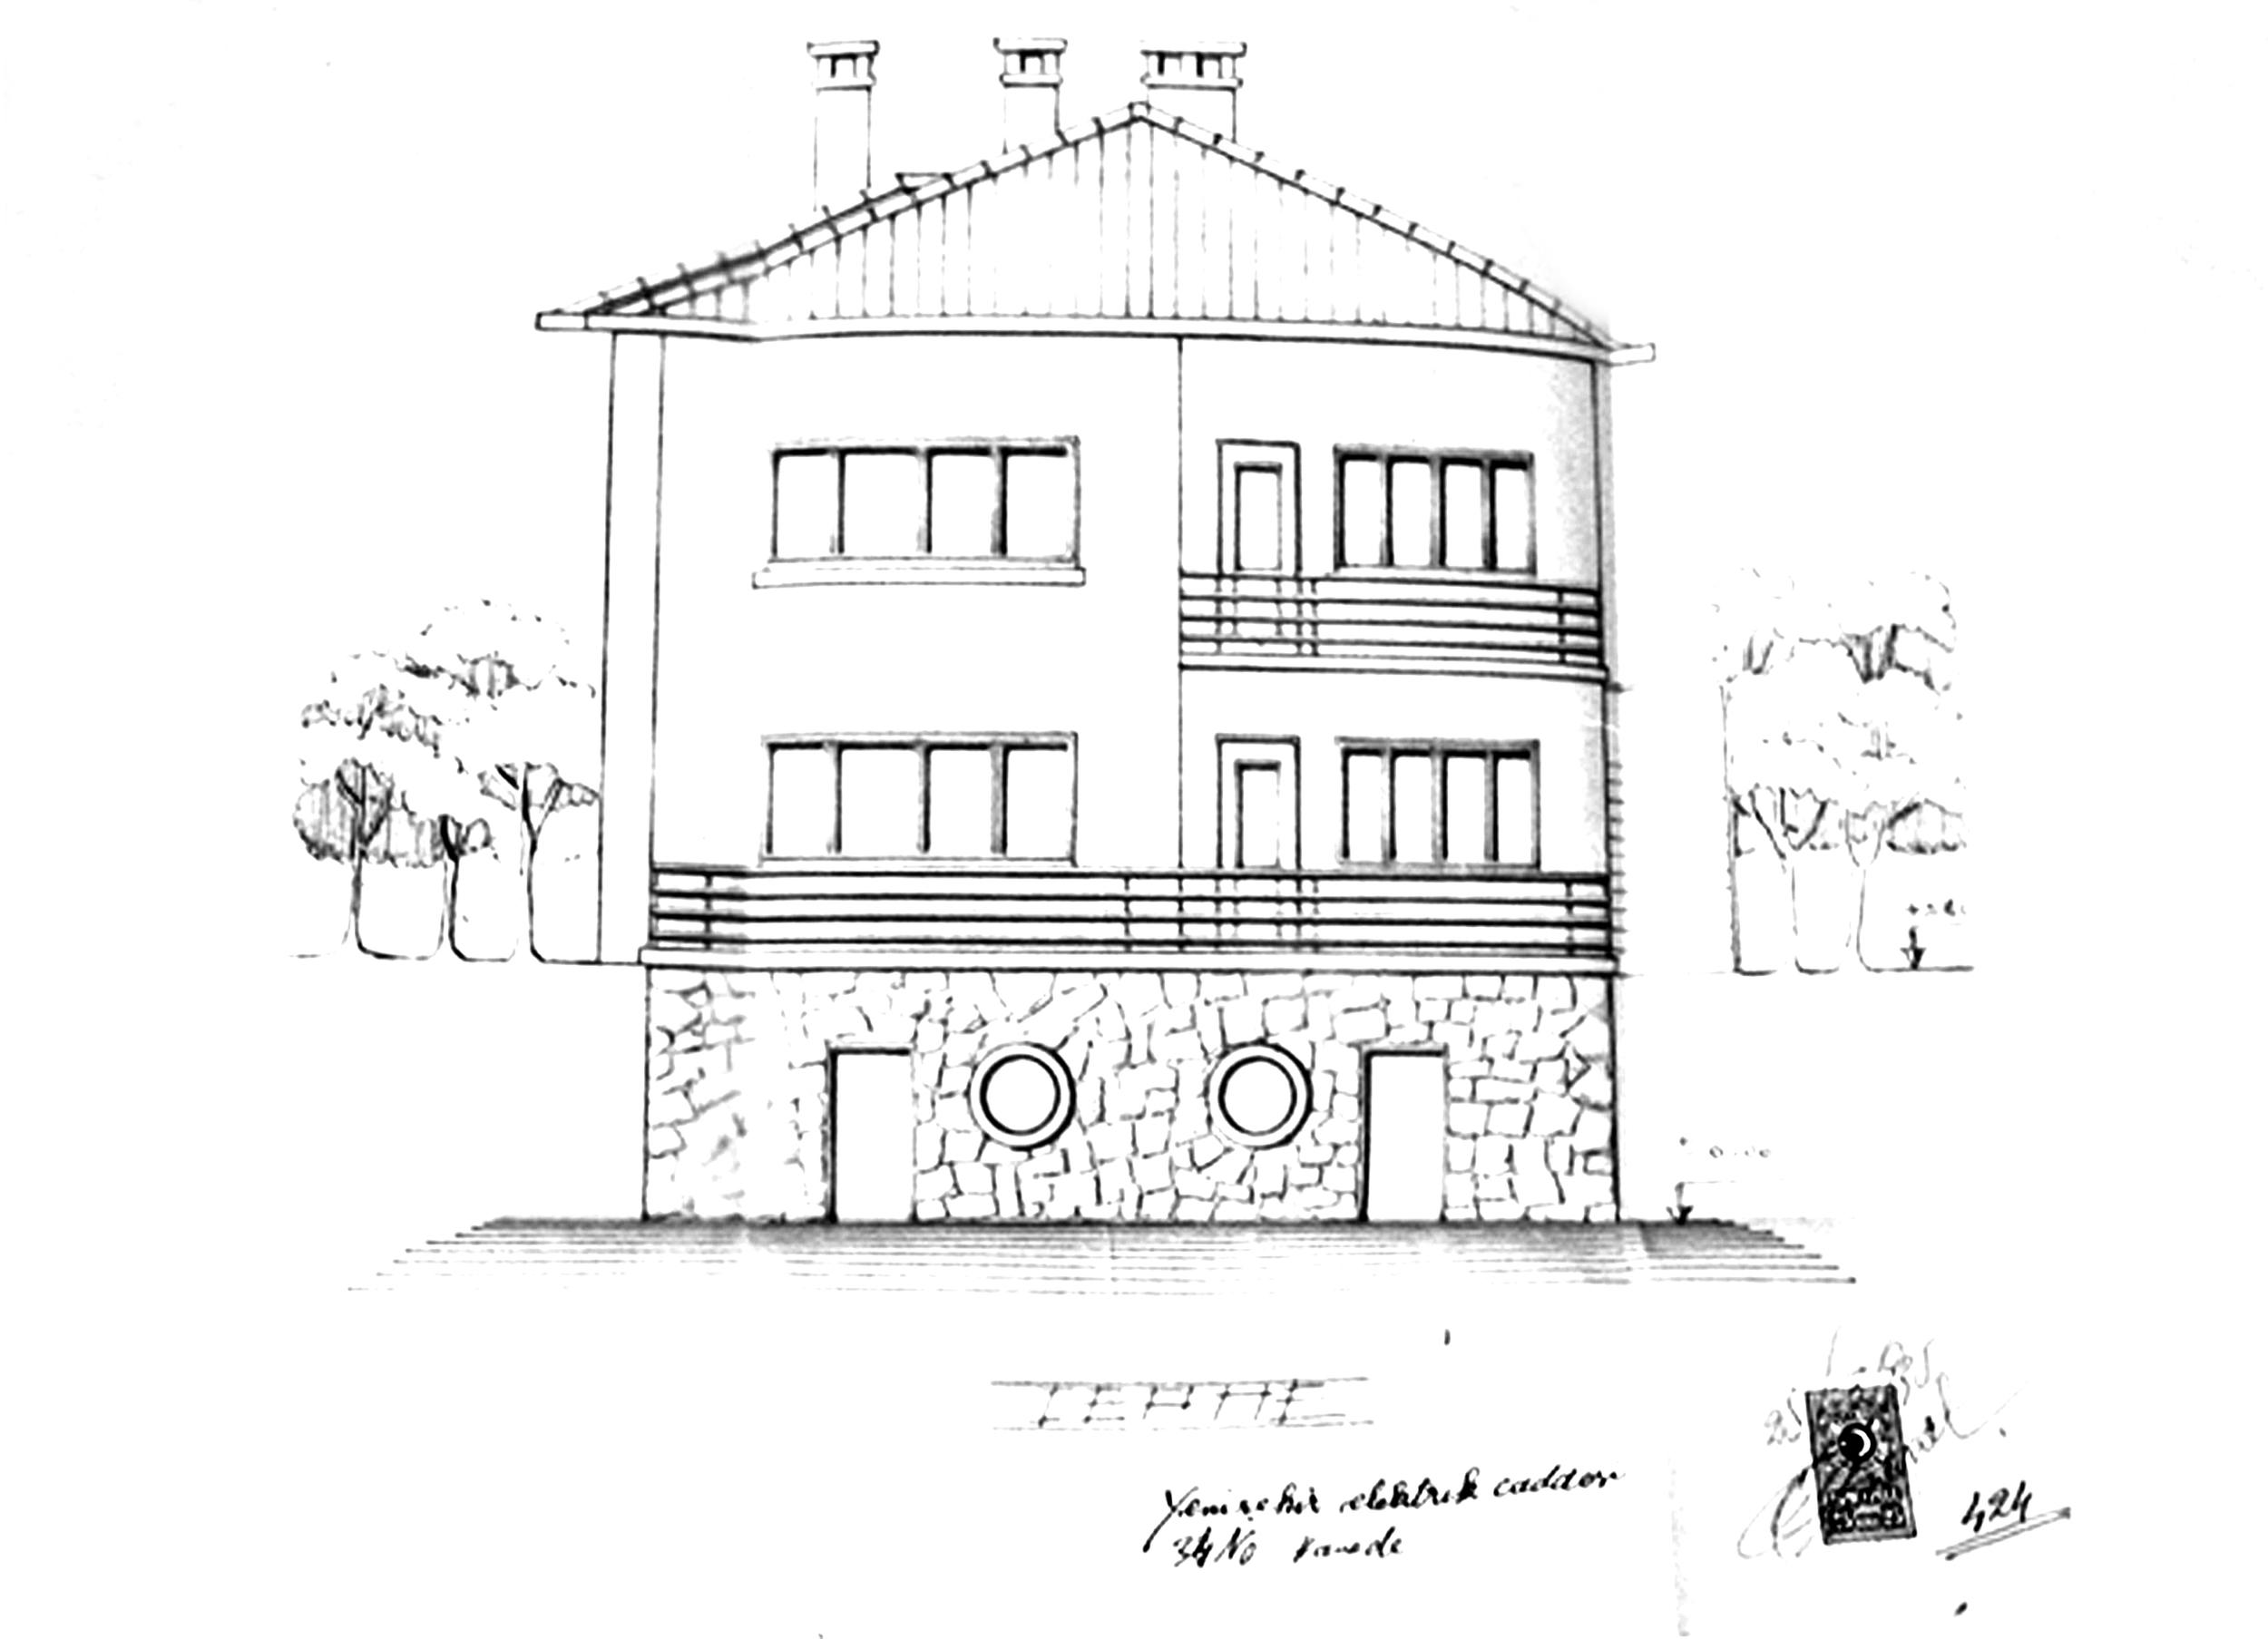 Şekil 2: EİE öncesinde arazide yer alan binanın cephesi [Kaynak: Çankaya Belediyesi, 2008]